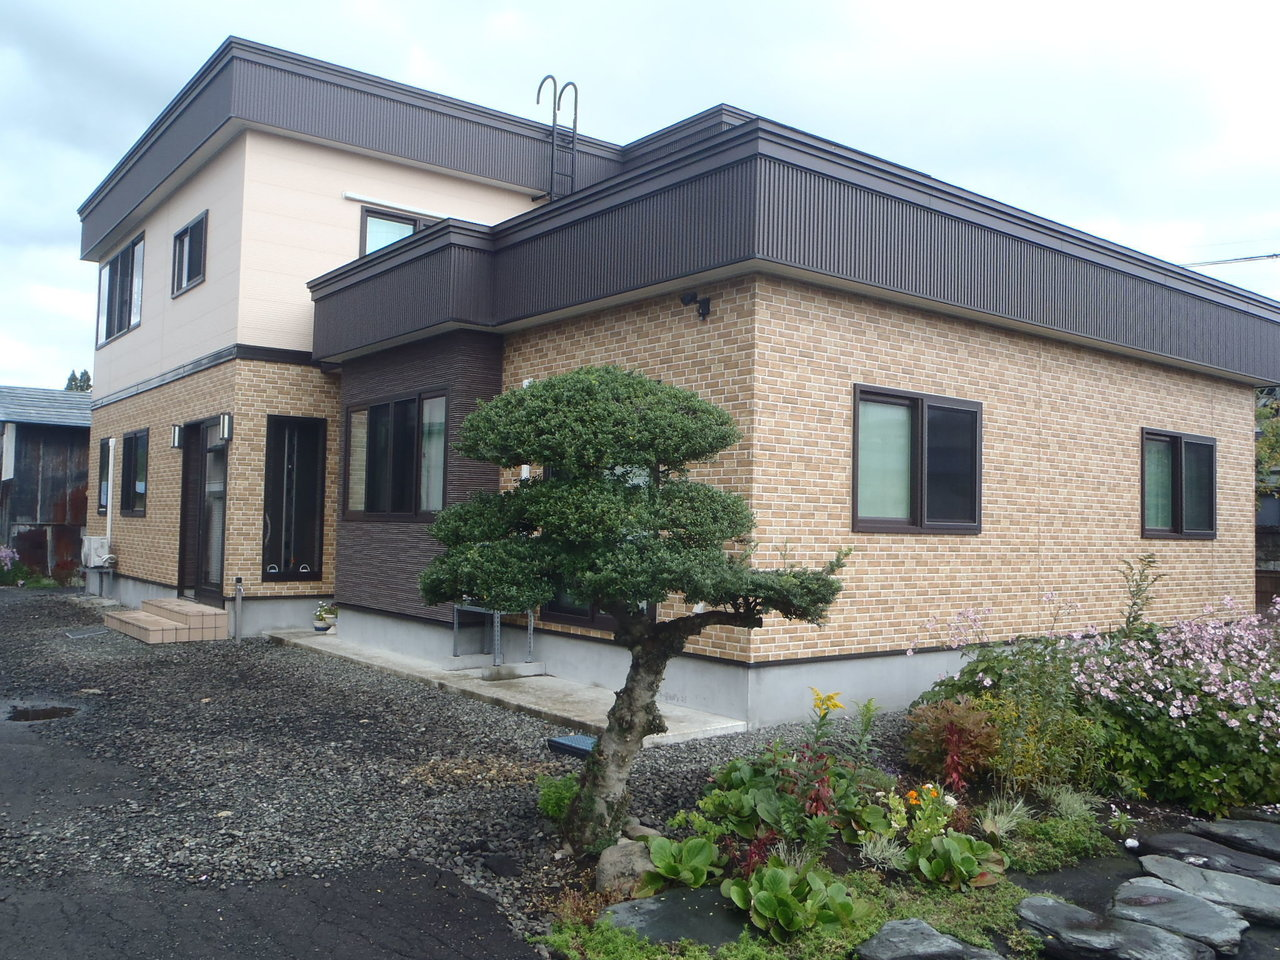 羽州街道沿いの宿 ヒロリンの家(秋田県大館)の宿泊予約 宿泊予約は ...